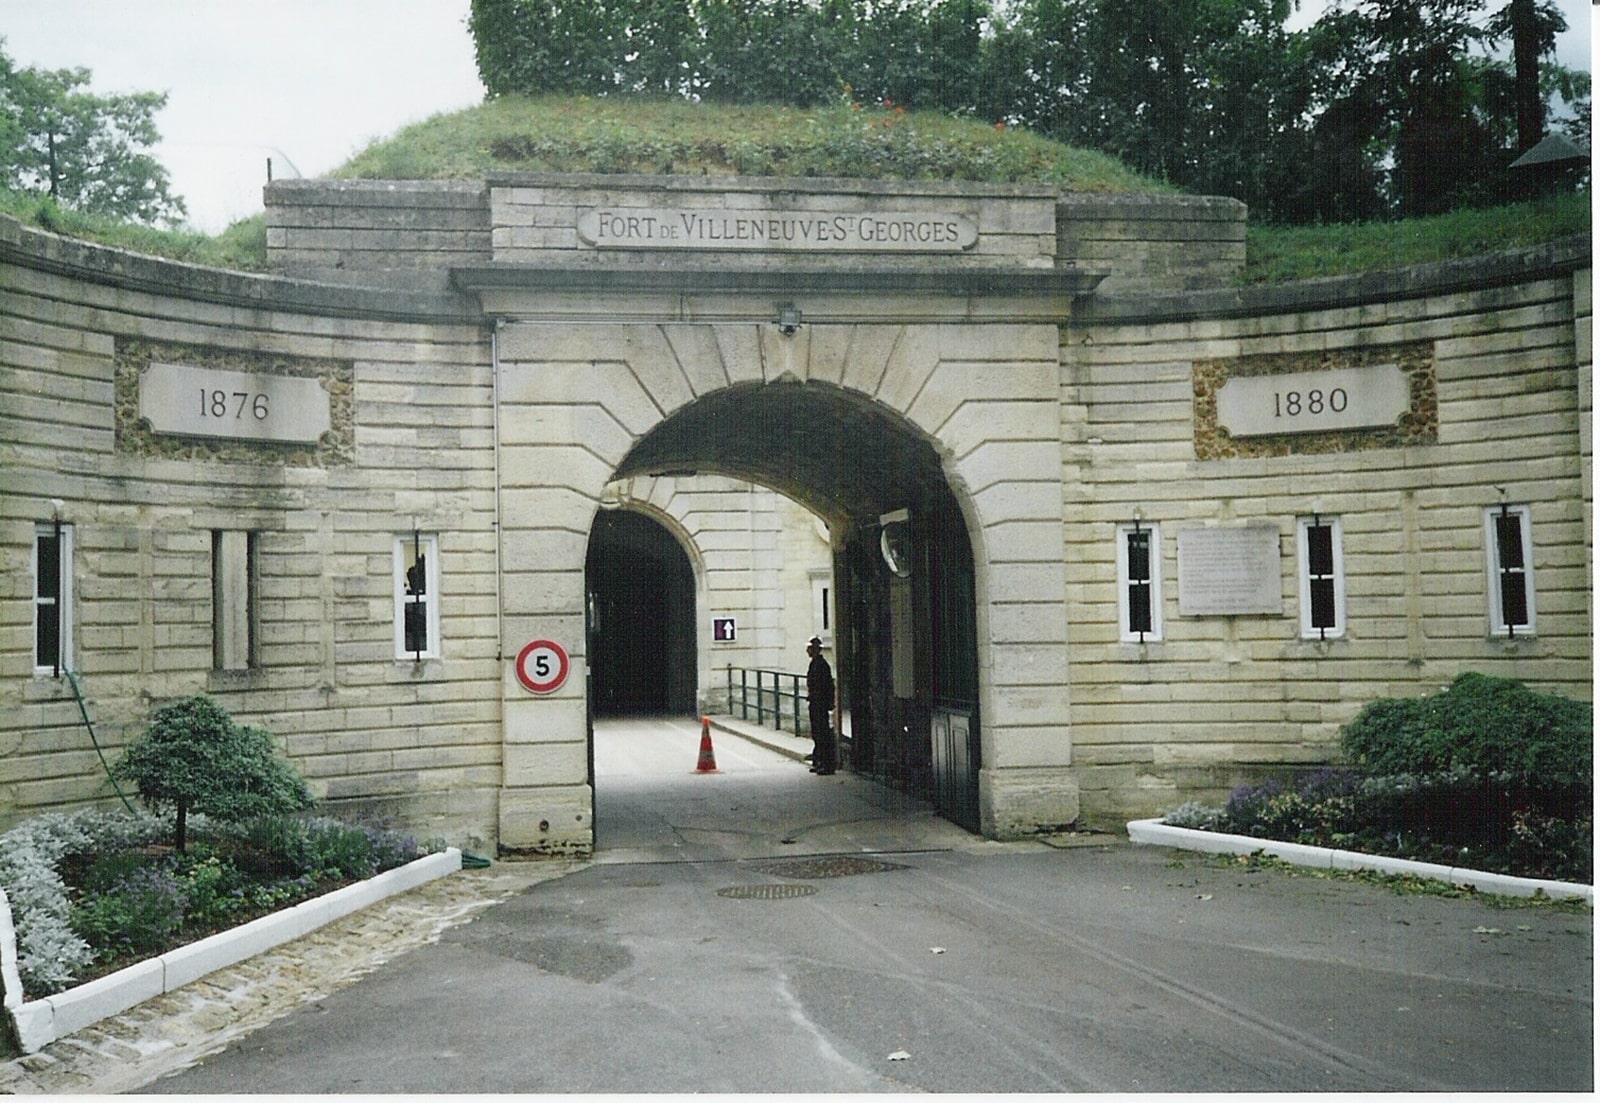 Fort-Villeneuve-Saint-Georges